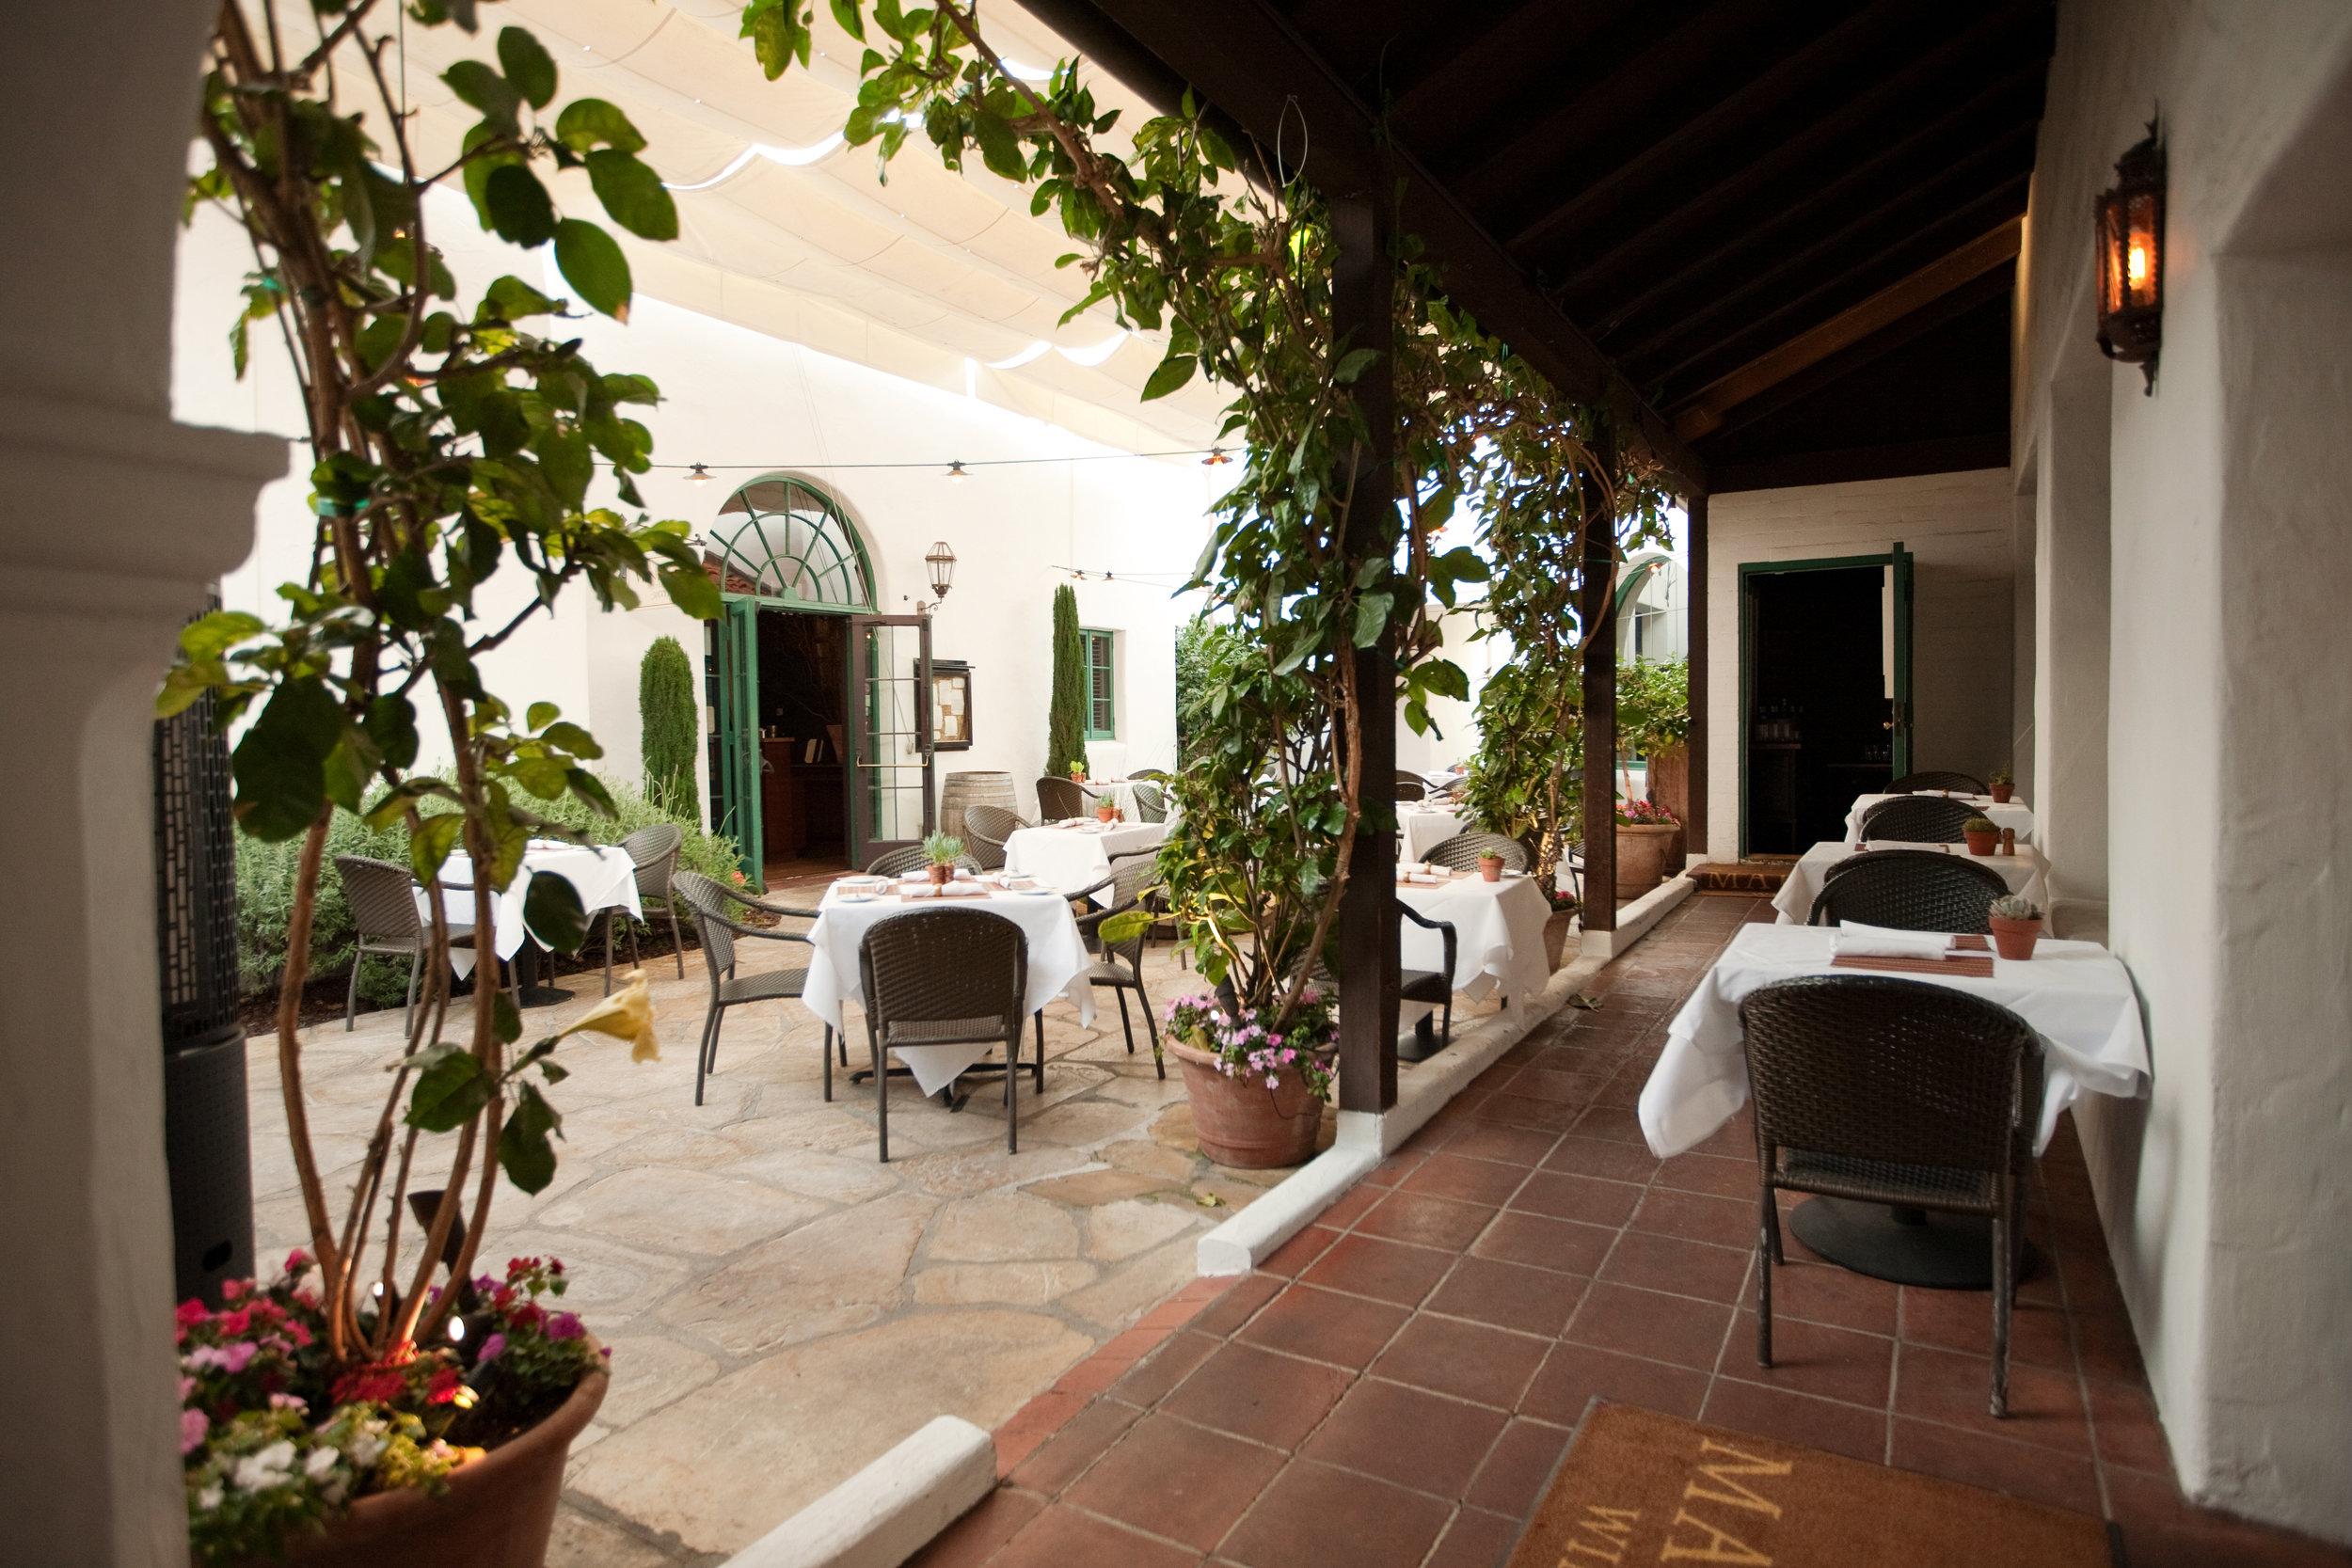 Courtyard017.jpg